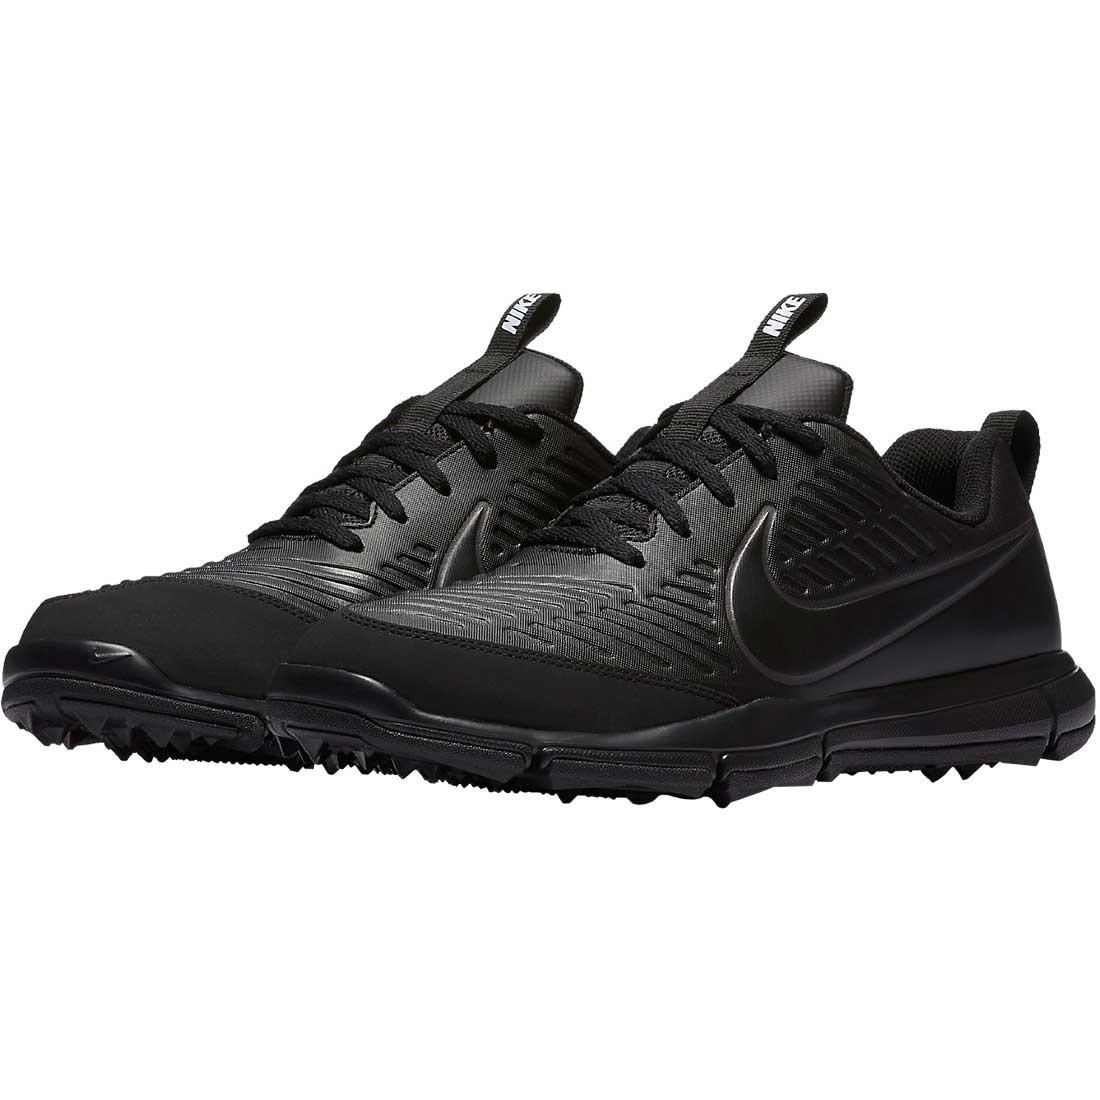 1430c0f20b4 Sapato Nike Explorer 2 Preto - 7